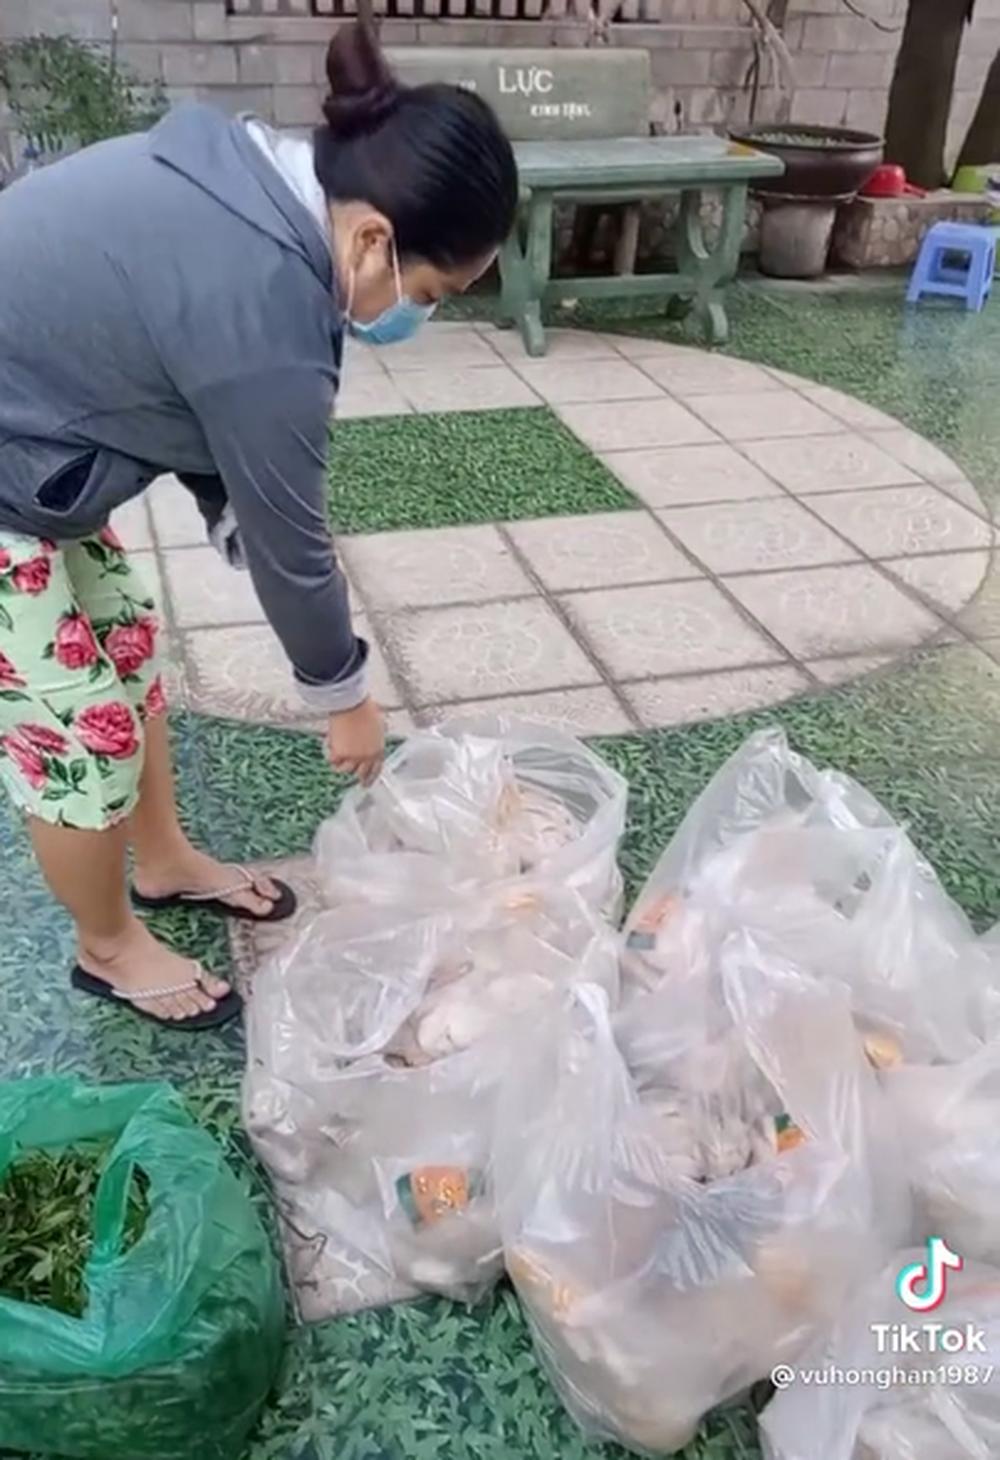 Clip ấm lòng mùa dịch: Chủ nhà cứ 3 ngày lại tặng thực phẩm hỗ trợ người thuê vượt qua khó khăn 2